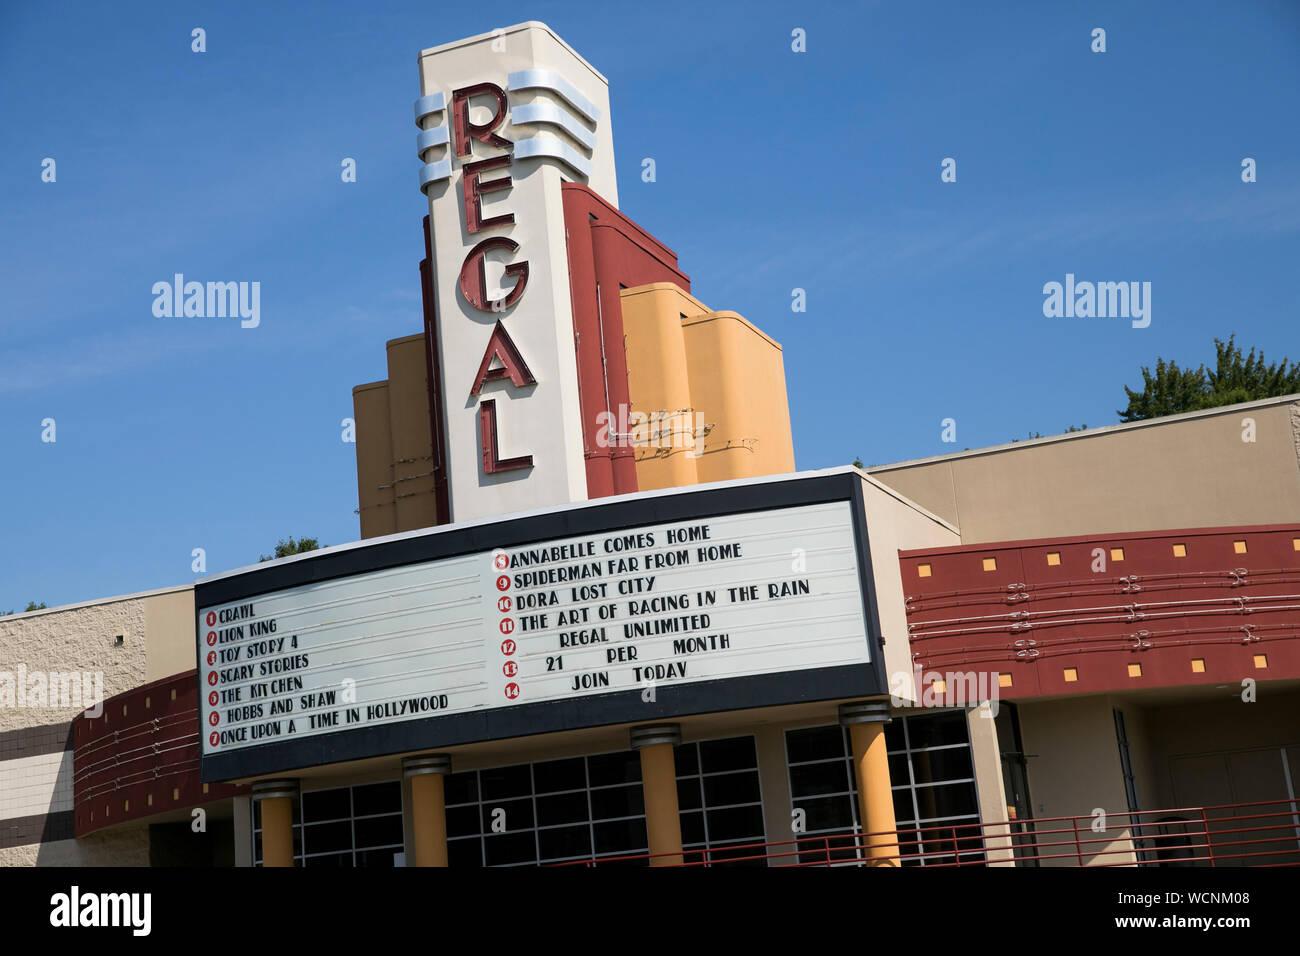 Ein logo Zeichen außerhalb eines Regal Movie Theater Lage in Niles, Ohio am 12. August 2019. Stockfoto